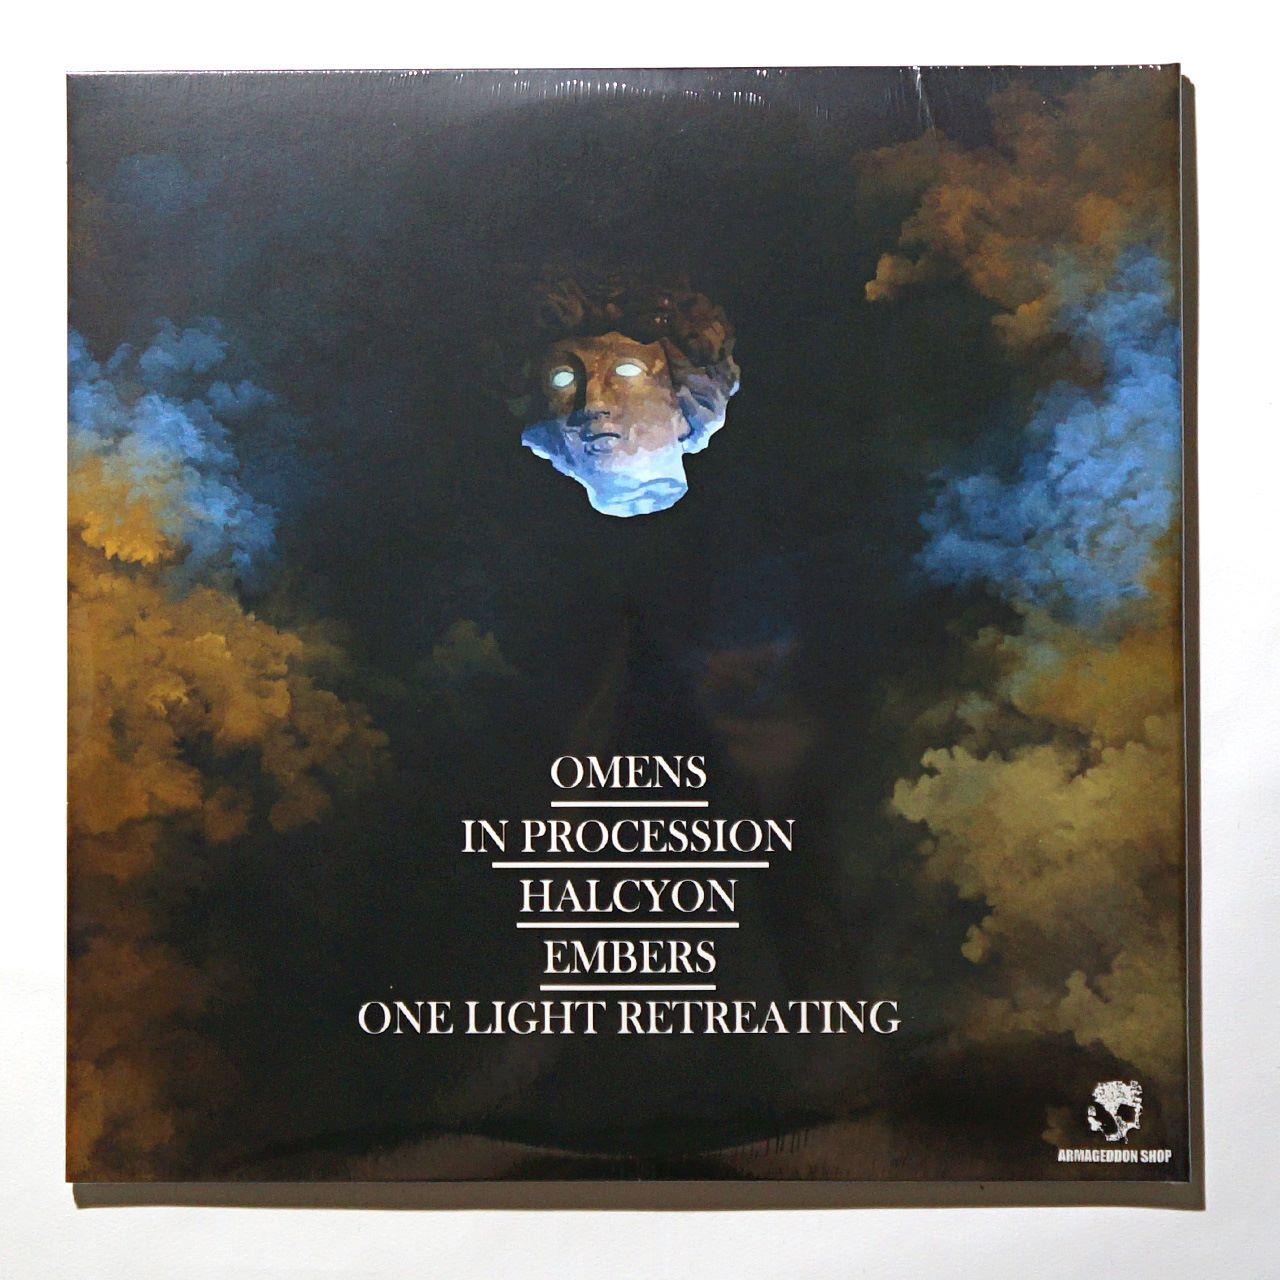 ELDER - Omens 2xLP (180g Blue) レコード